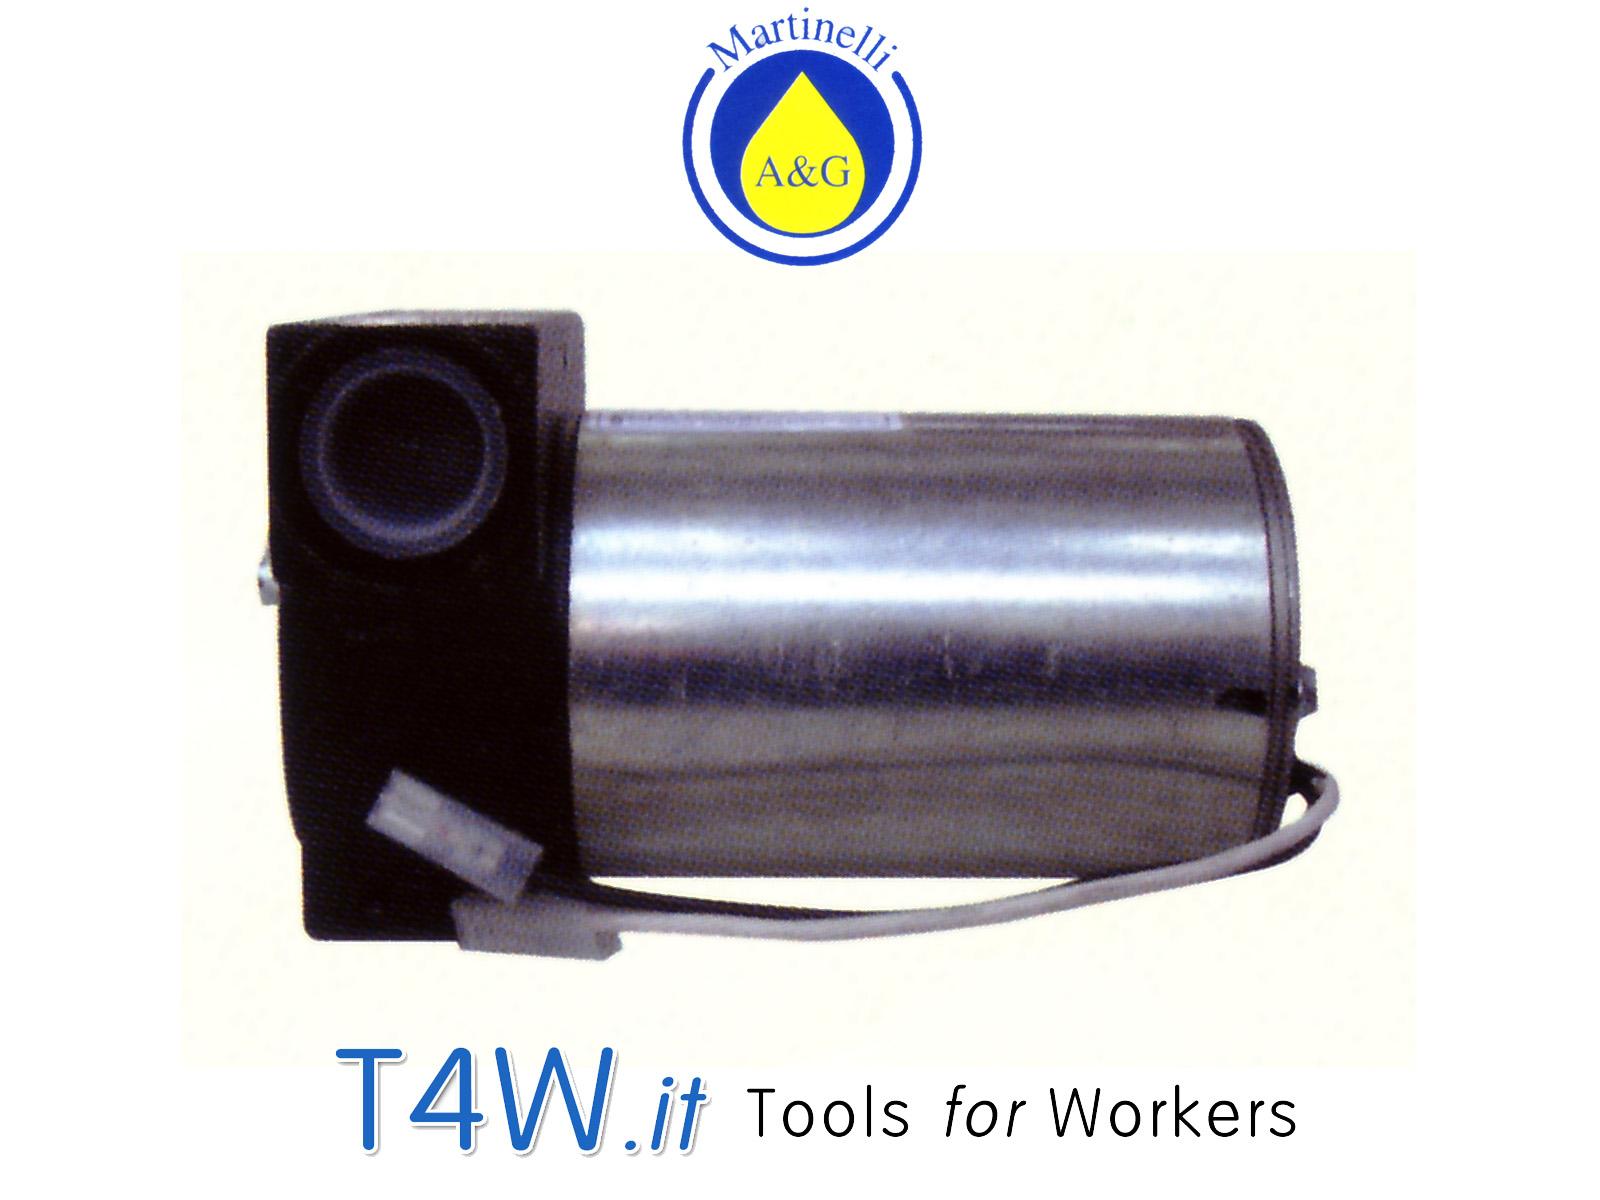 Elettropompa per gasolio 12 - 24 V Art. 2713 Martinelli -